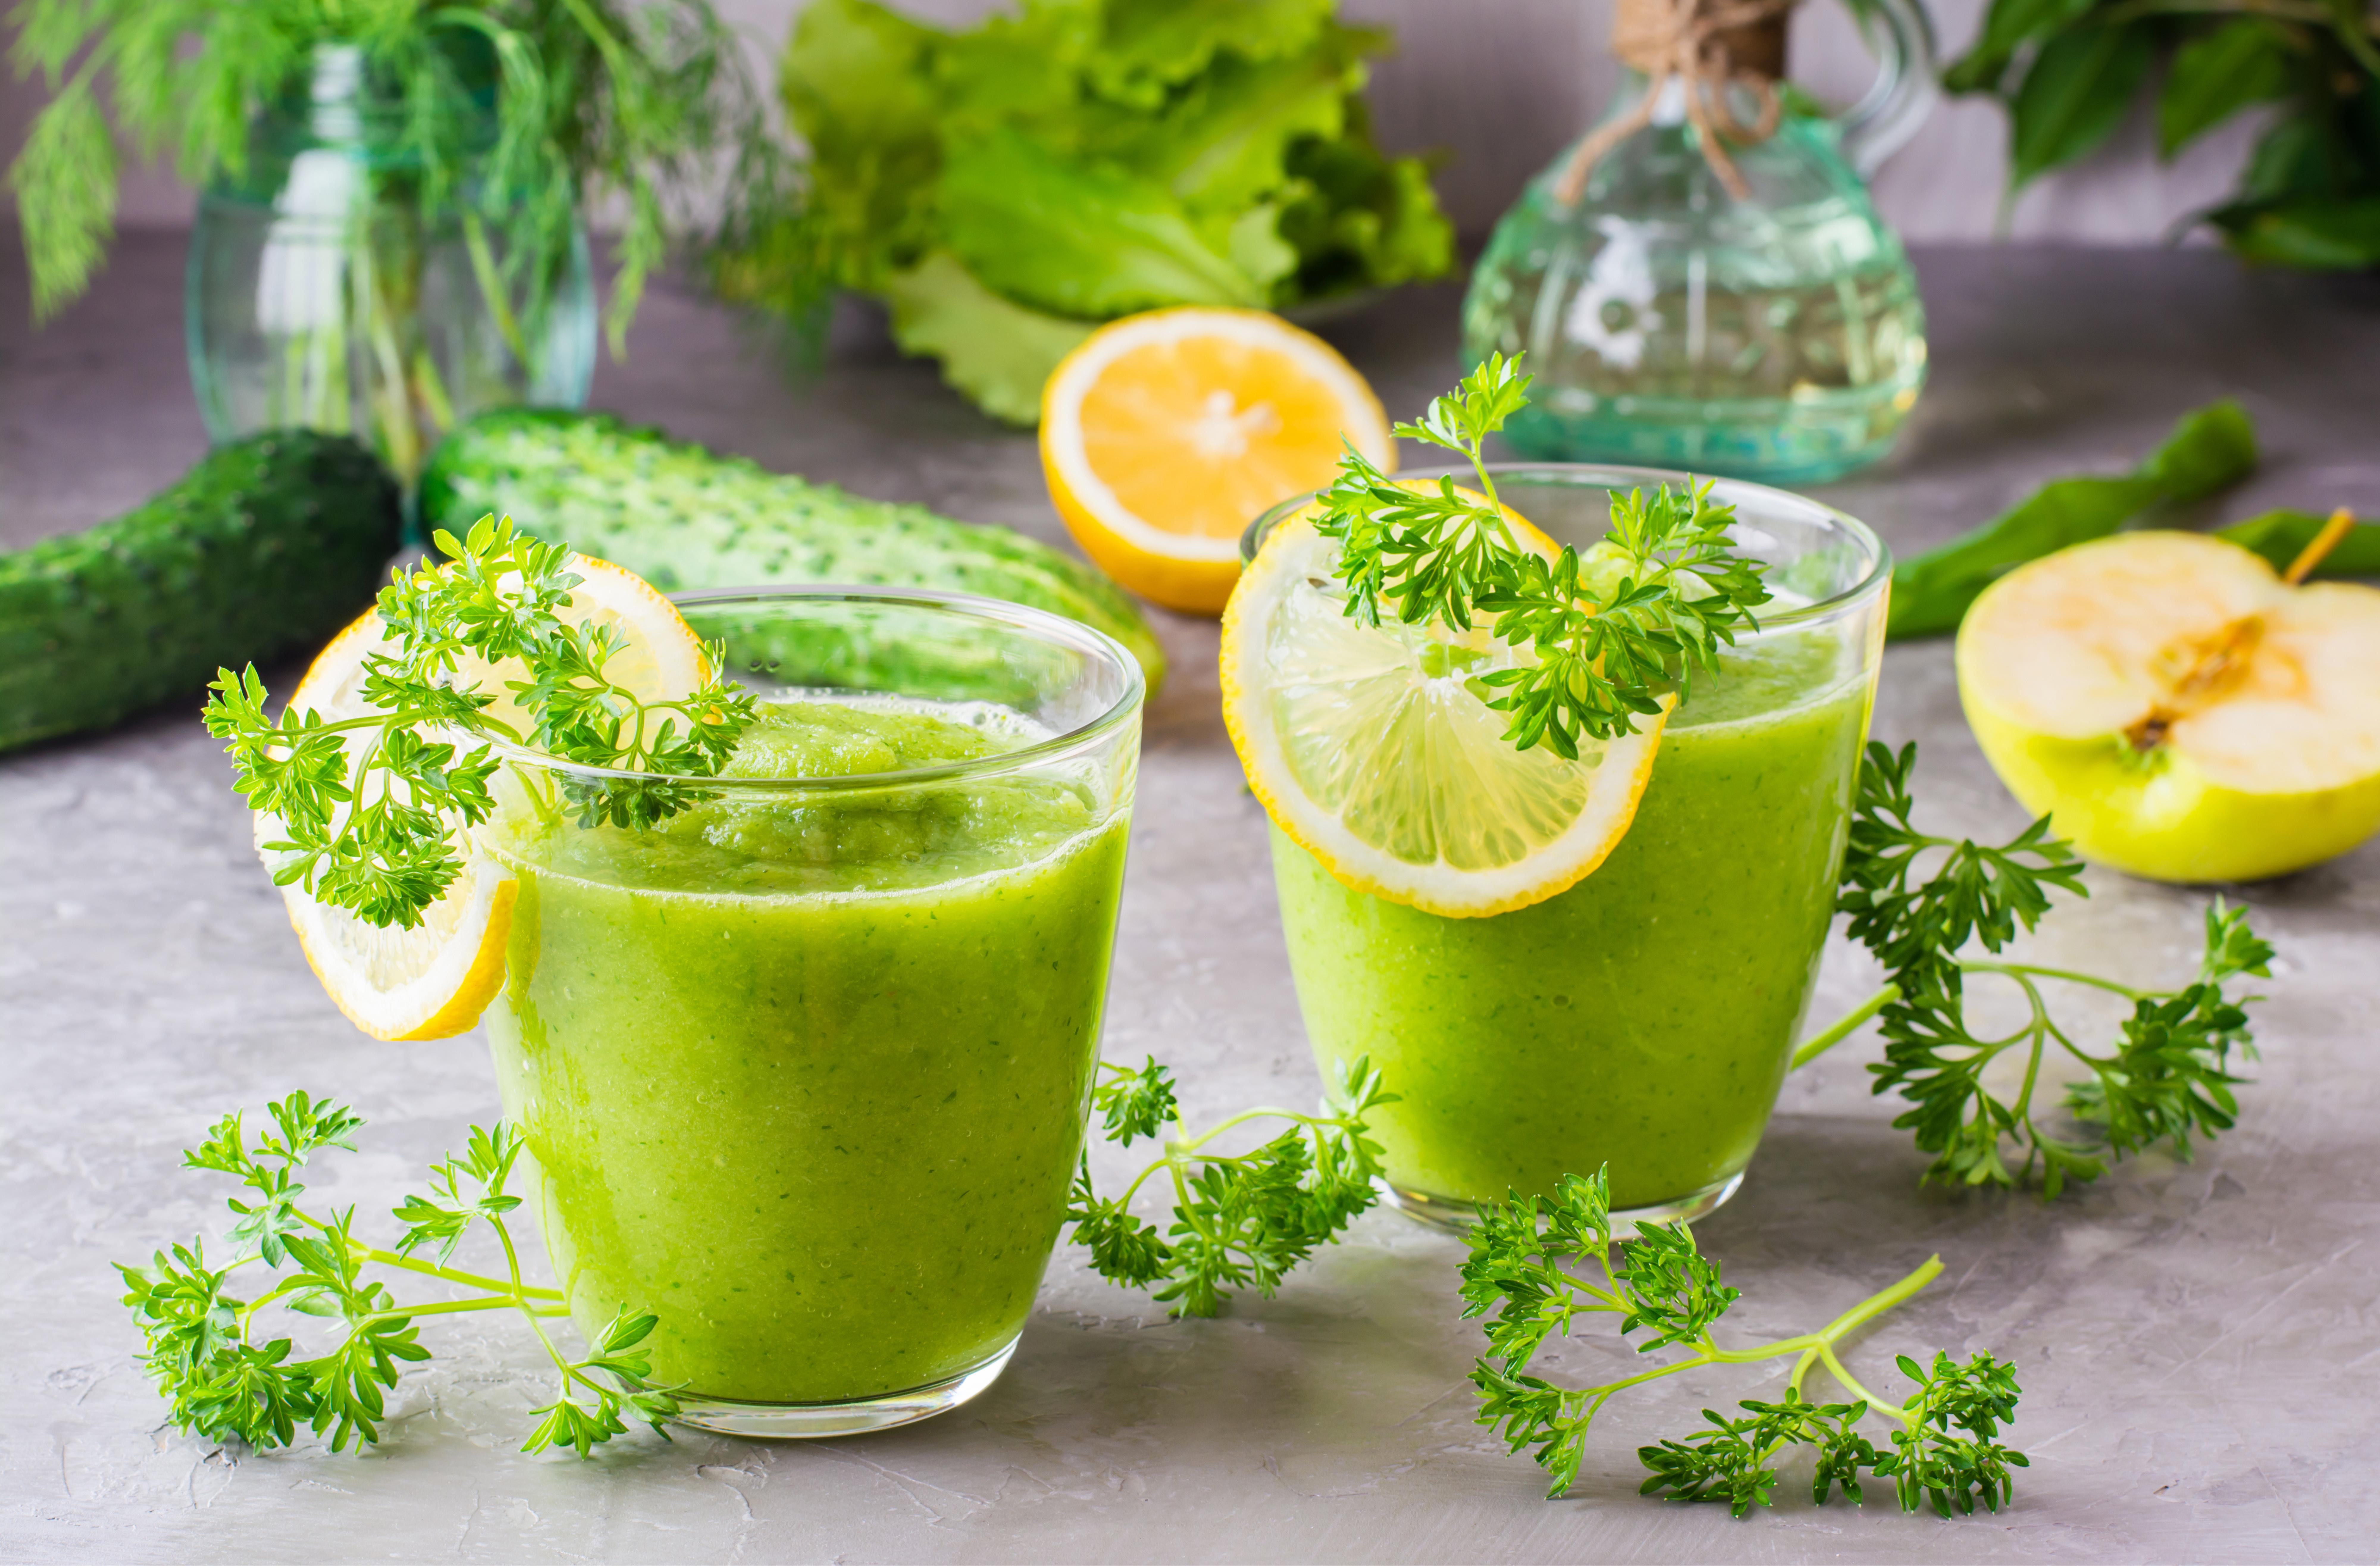 Фото Смузи 2 Лимоны стакане Пища Овощи две два Двое вдвоем Стакан стакана Еда Продукты питания